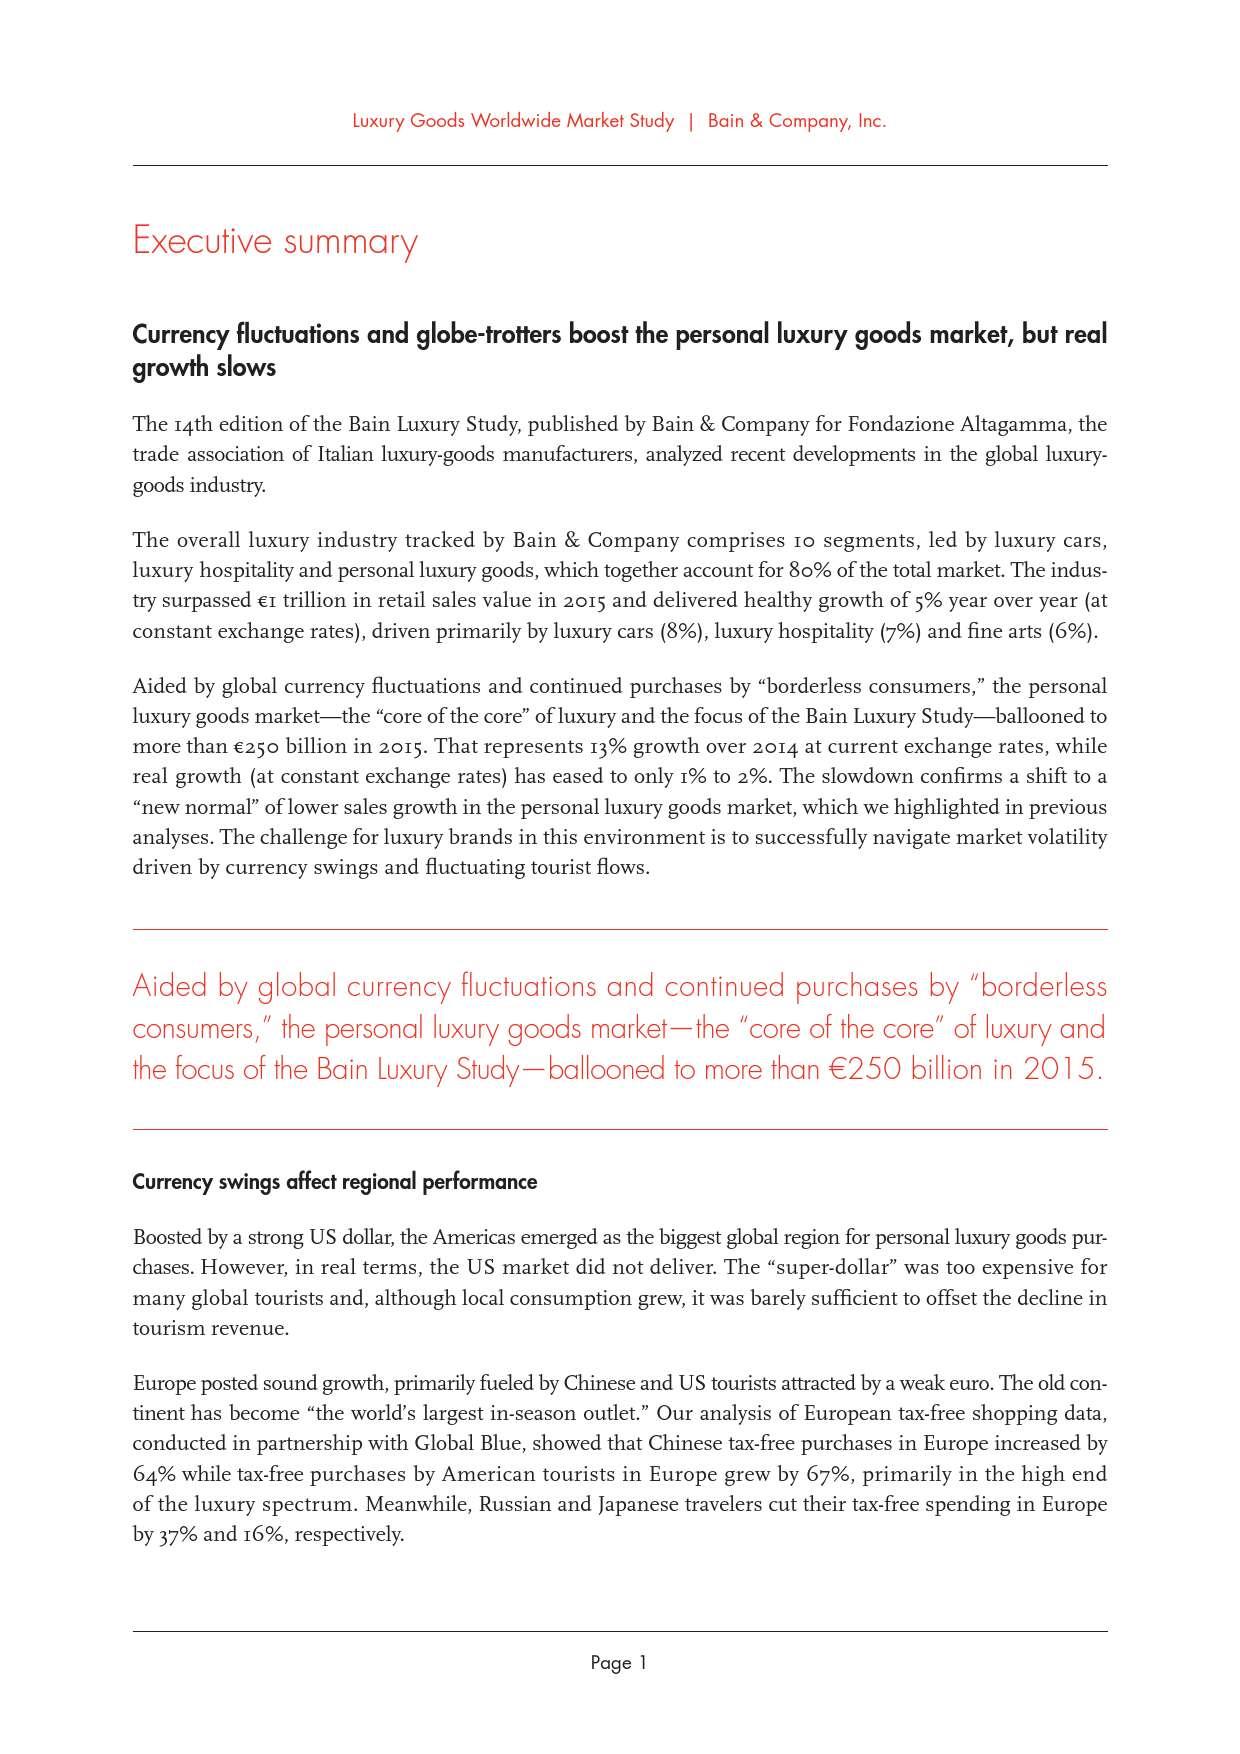 2015年全球奢侈品市场研究_000005